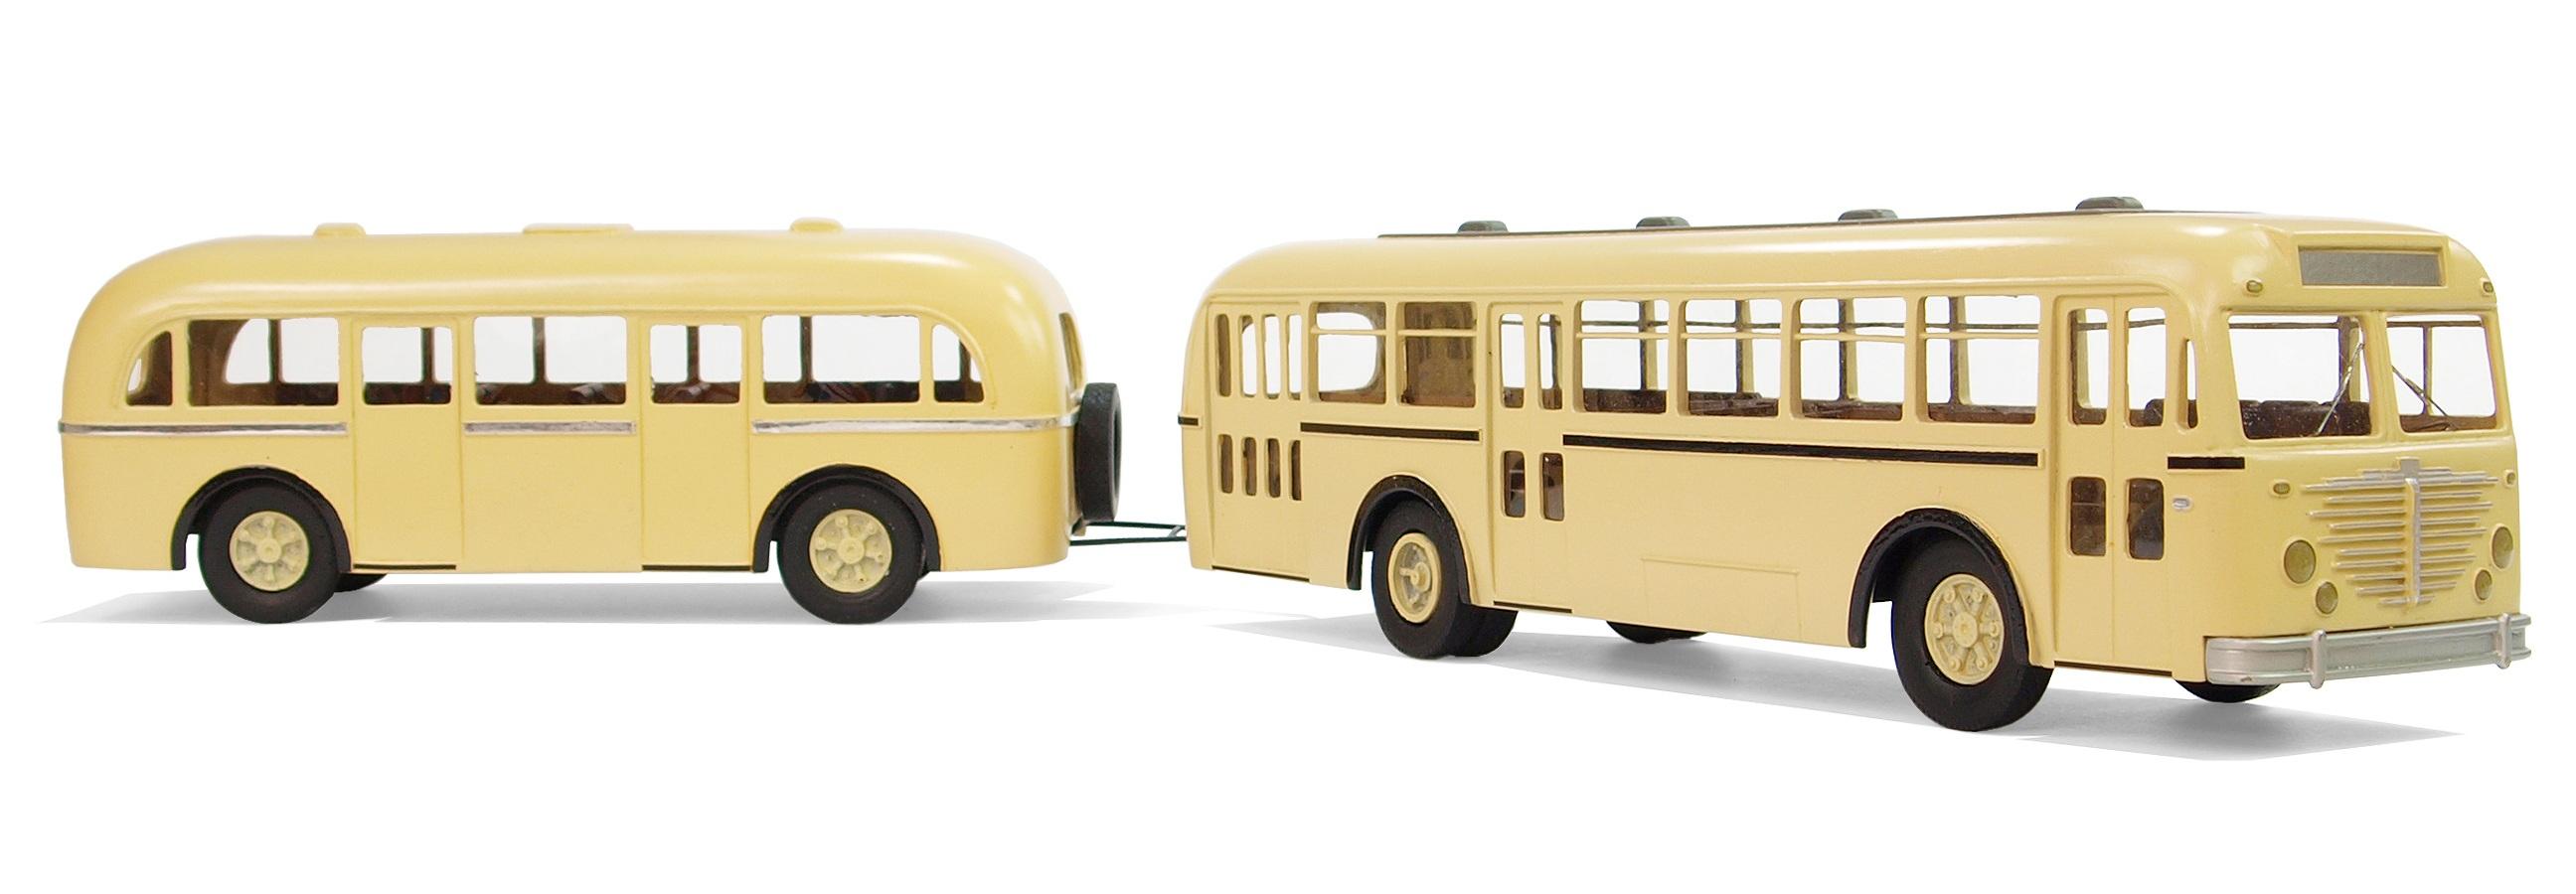 50 års bus Gratis billeder : transportere, køretøj, fritid, offentlig  50 års bus